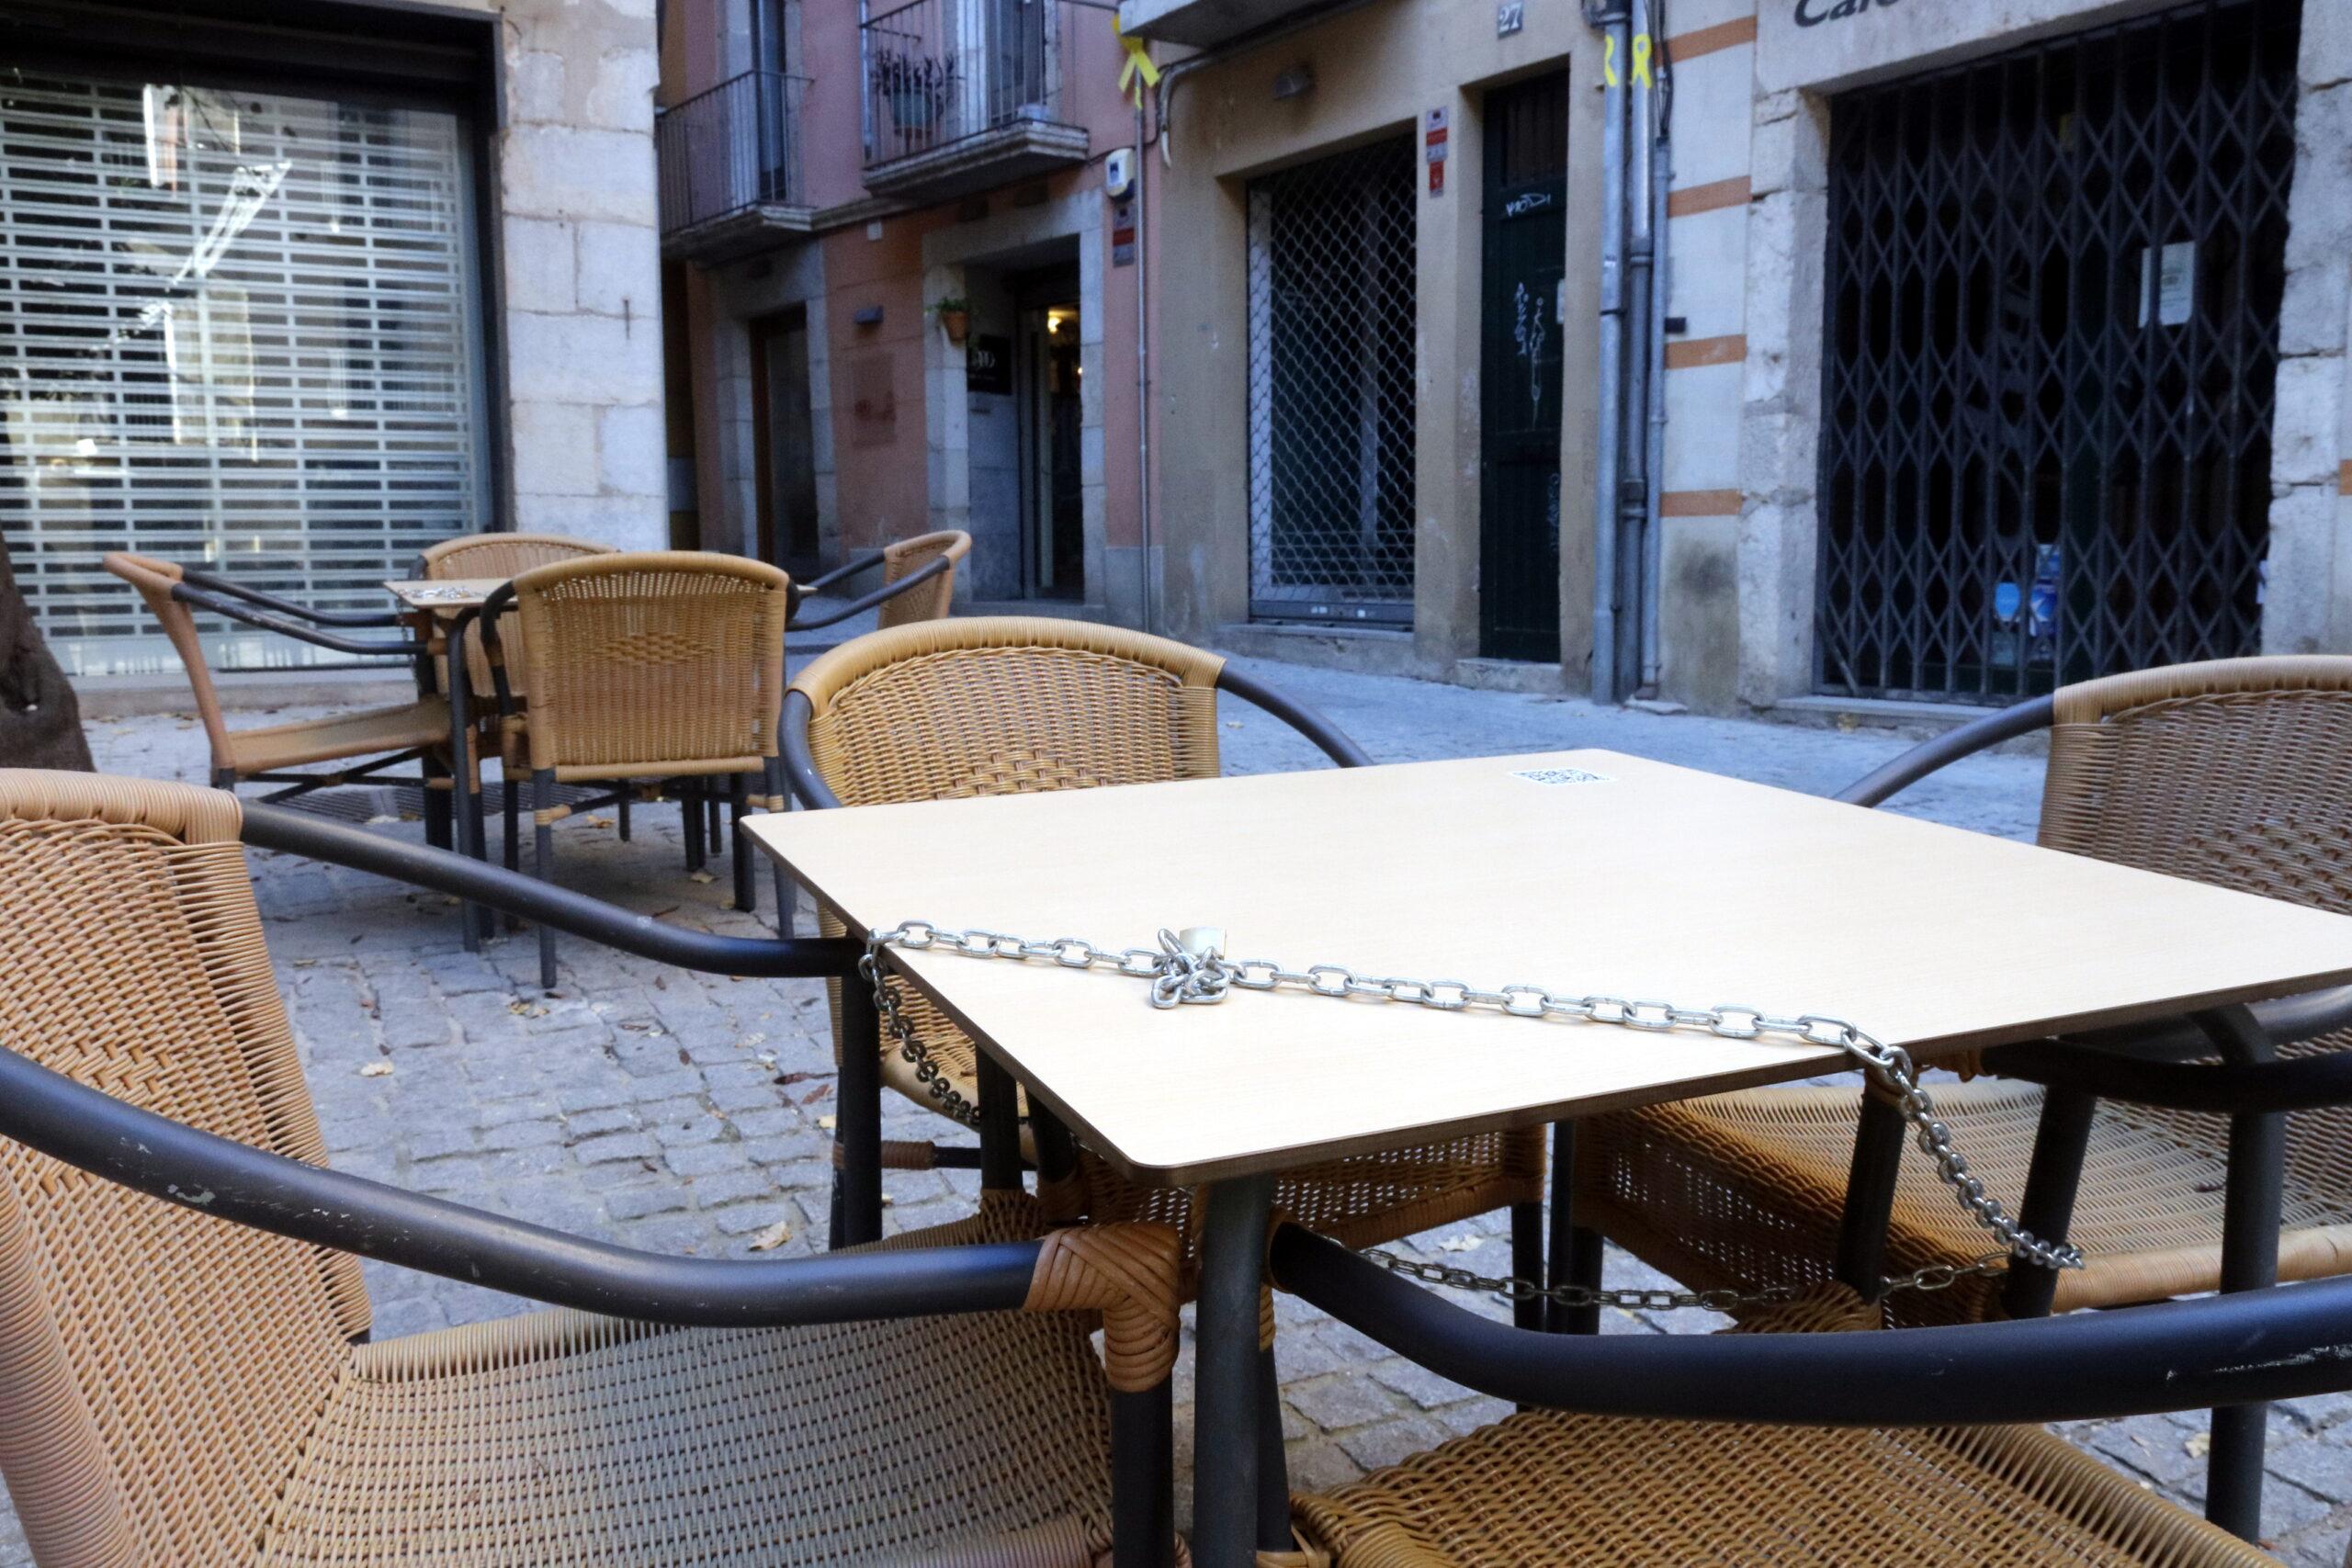 En primer terme, una taula amb una cadena i un candau; al fons, taules tancades en un bar del carrer Santa Clara de Girona   ACN